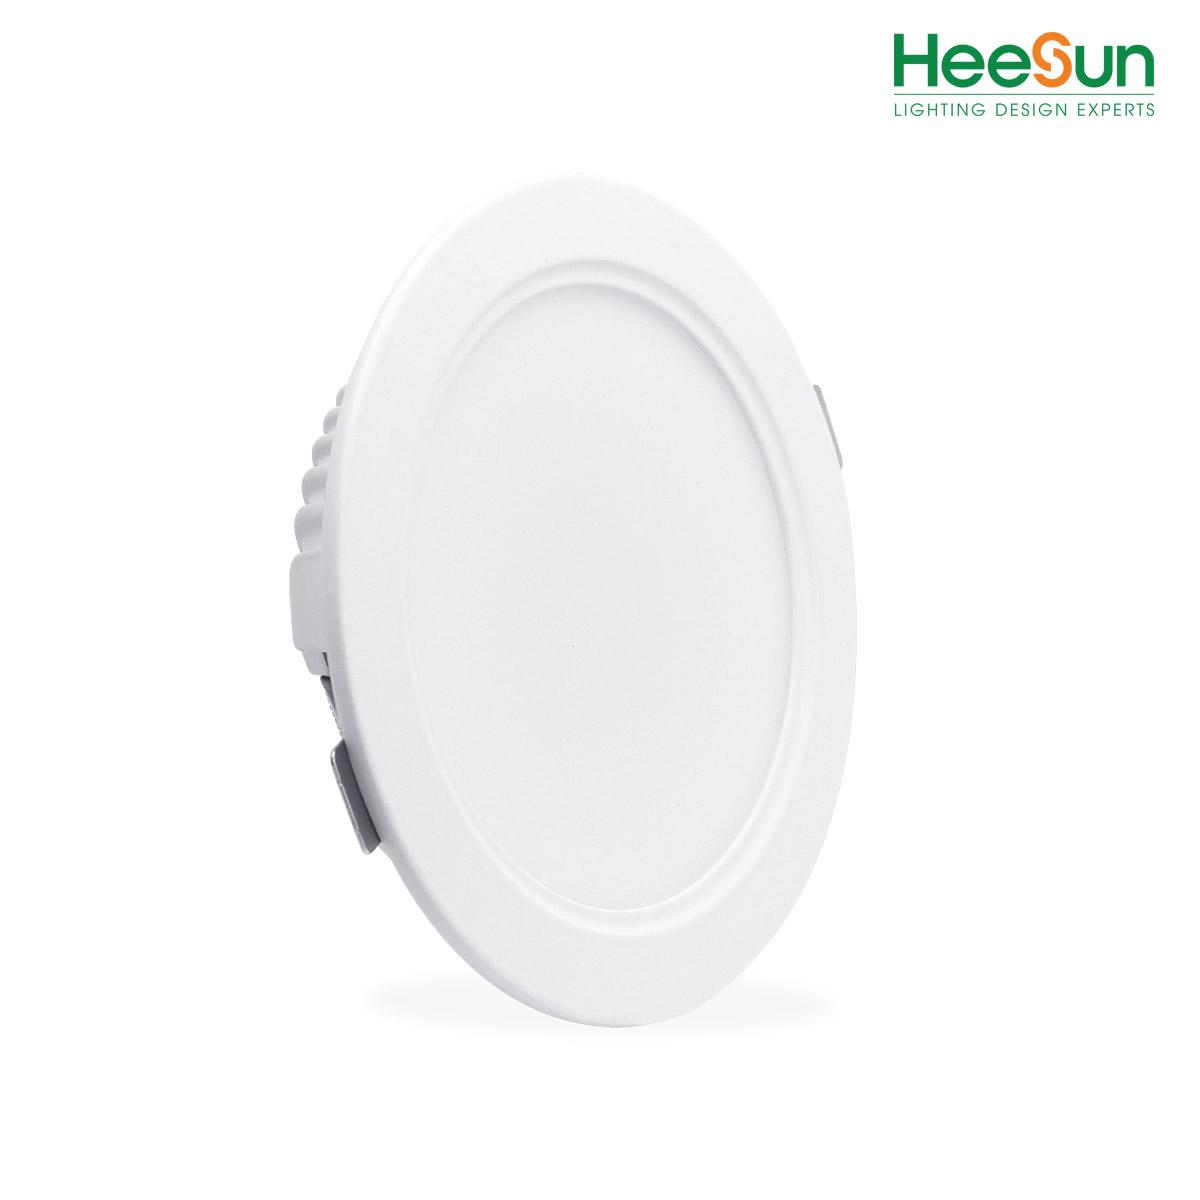 Đèn LED âm trần đế đúc viền đơn HS-DVD15 - HEESUN VIỆT NAM